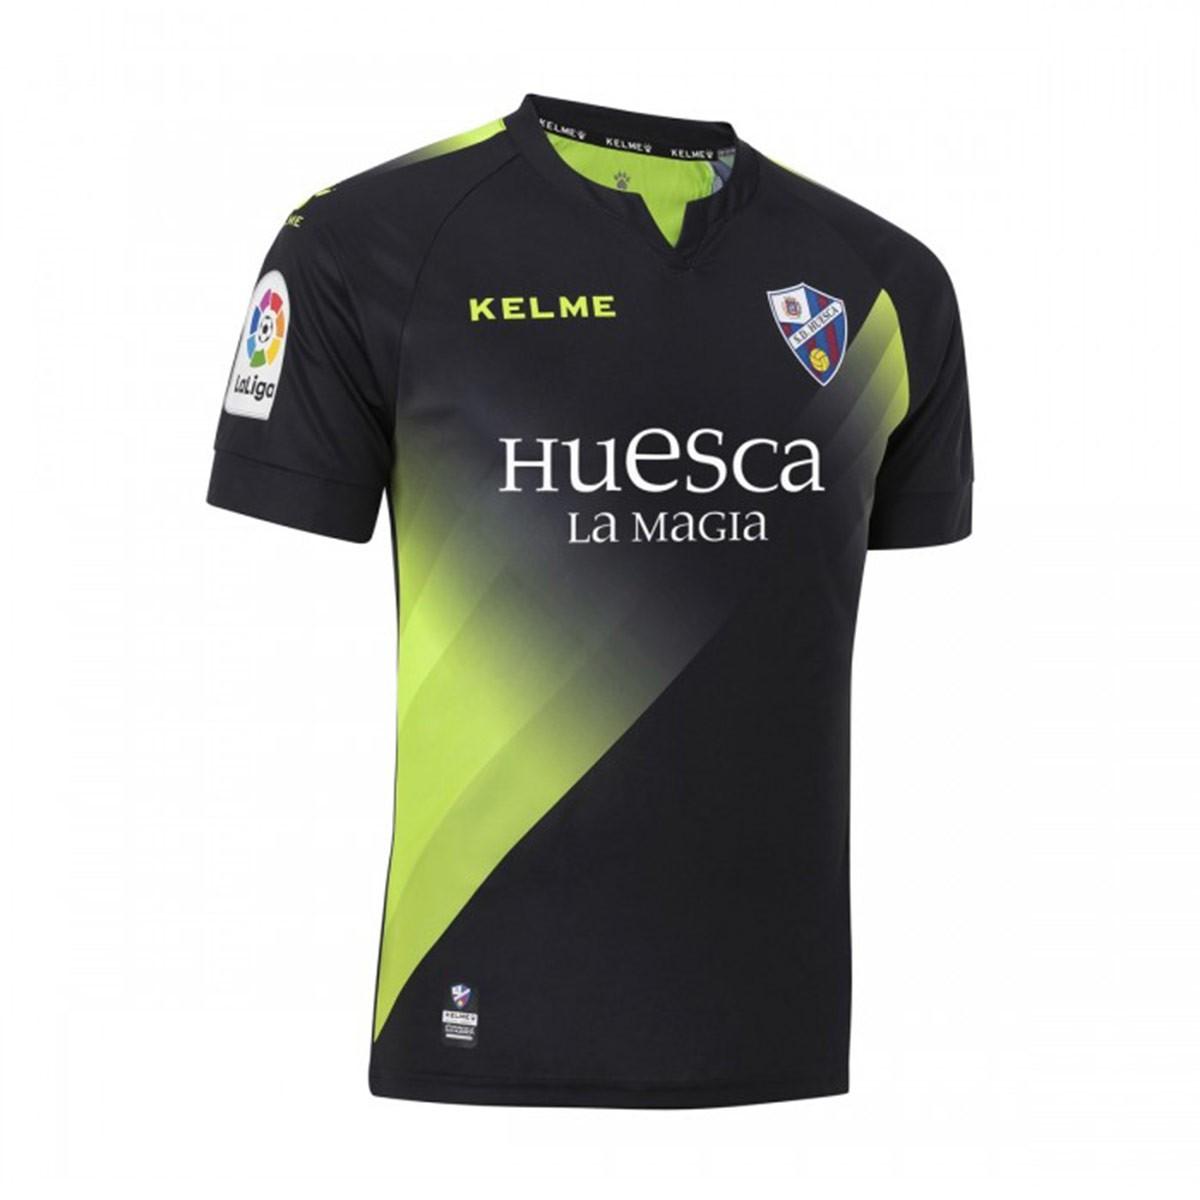 Camiseta Kelme SD Huesca Tercera Equipación 2018-2019 Negro - Soloporteros  es ahora Fútbol Emotion b8ade9459576d